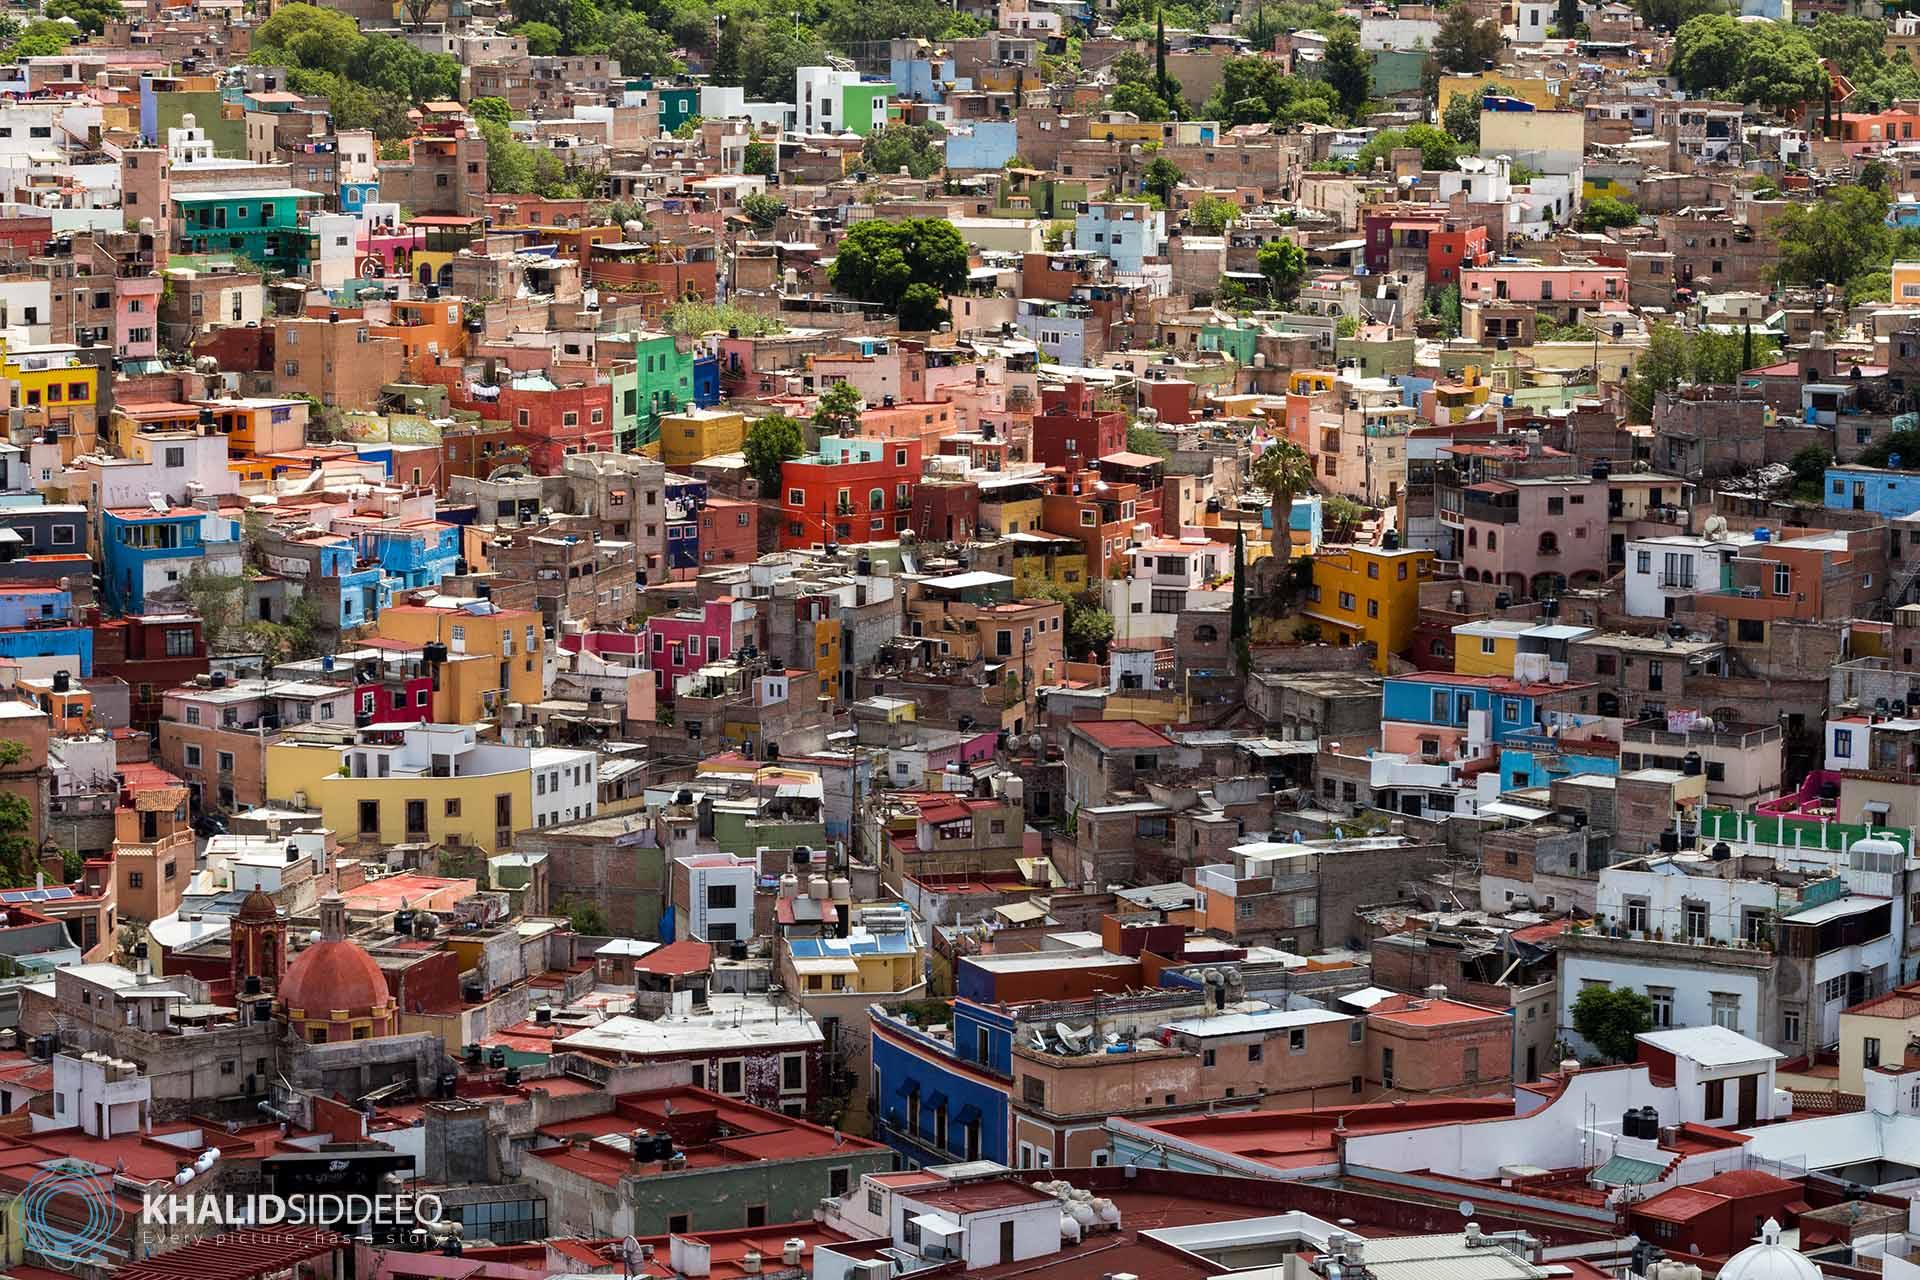 جواناخواتو، المكسيك